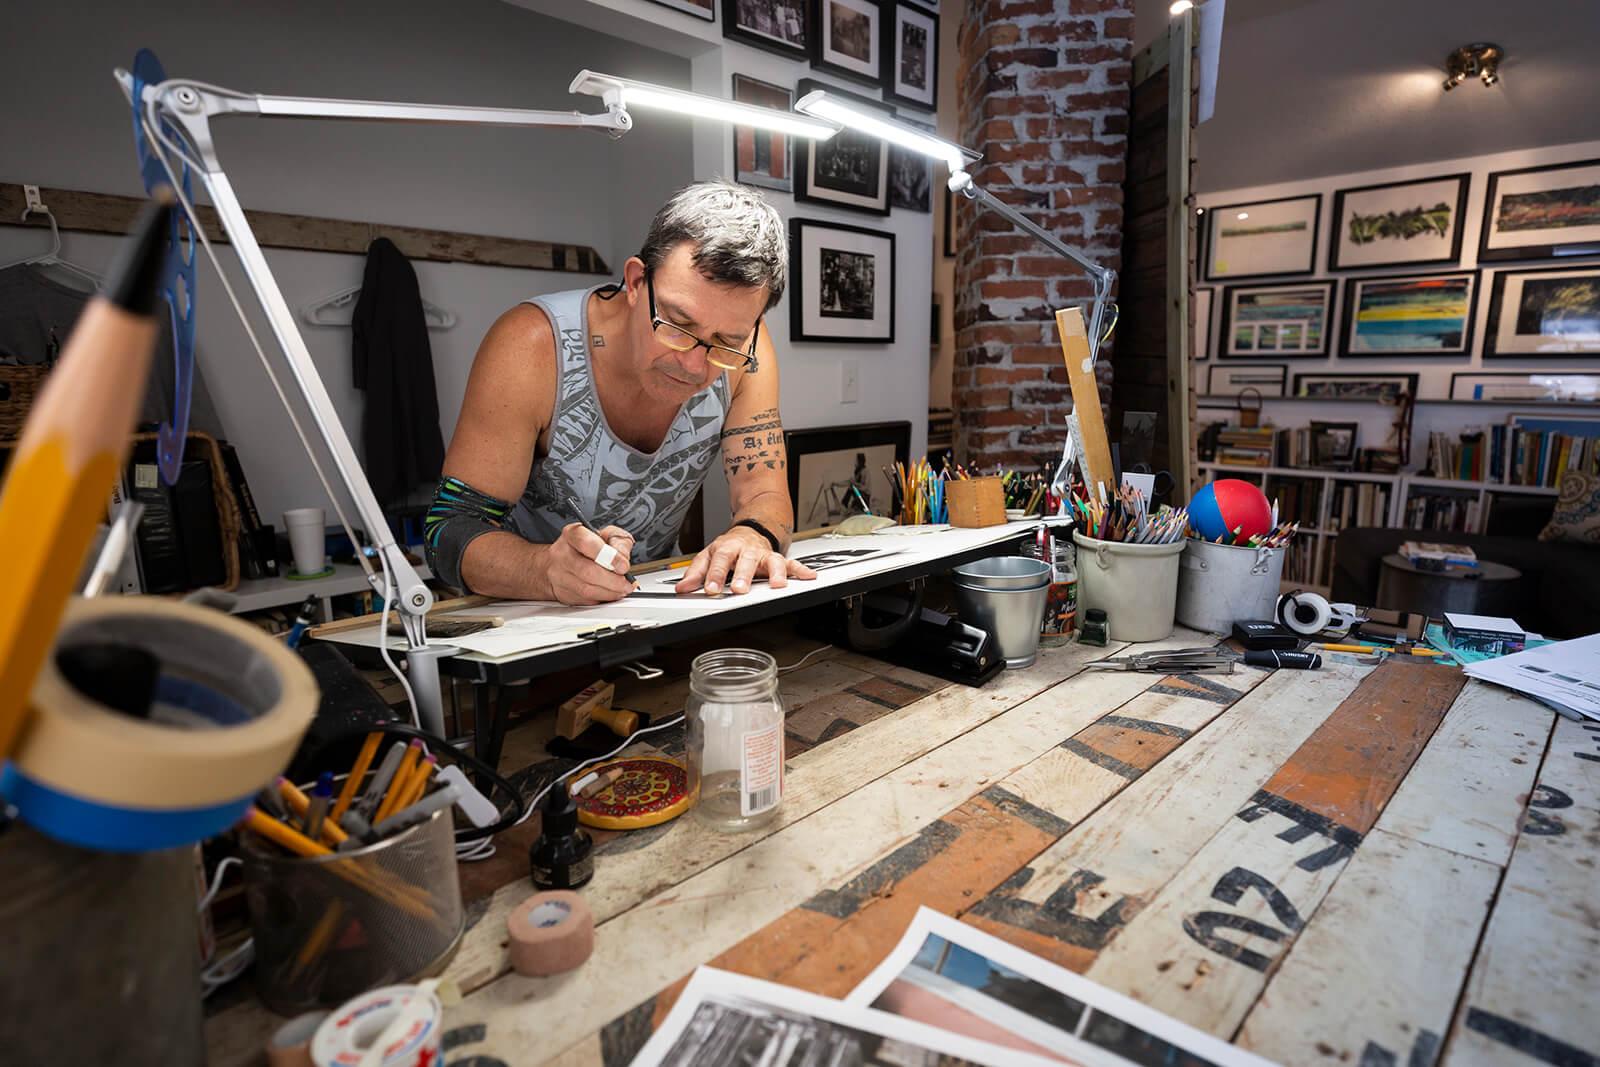 Artist Larry Paul Frey